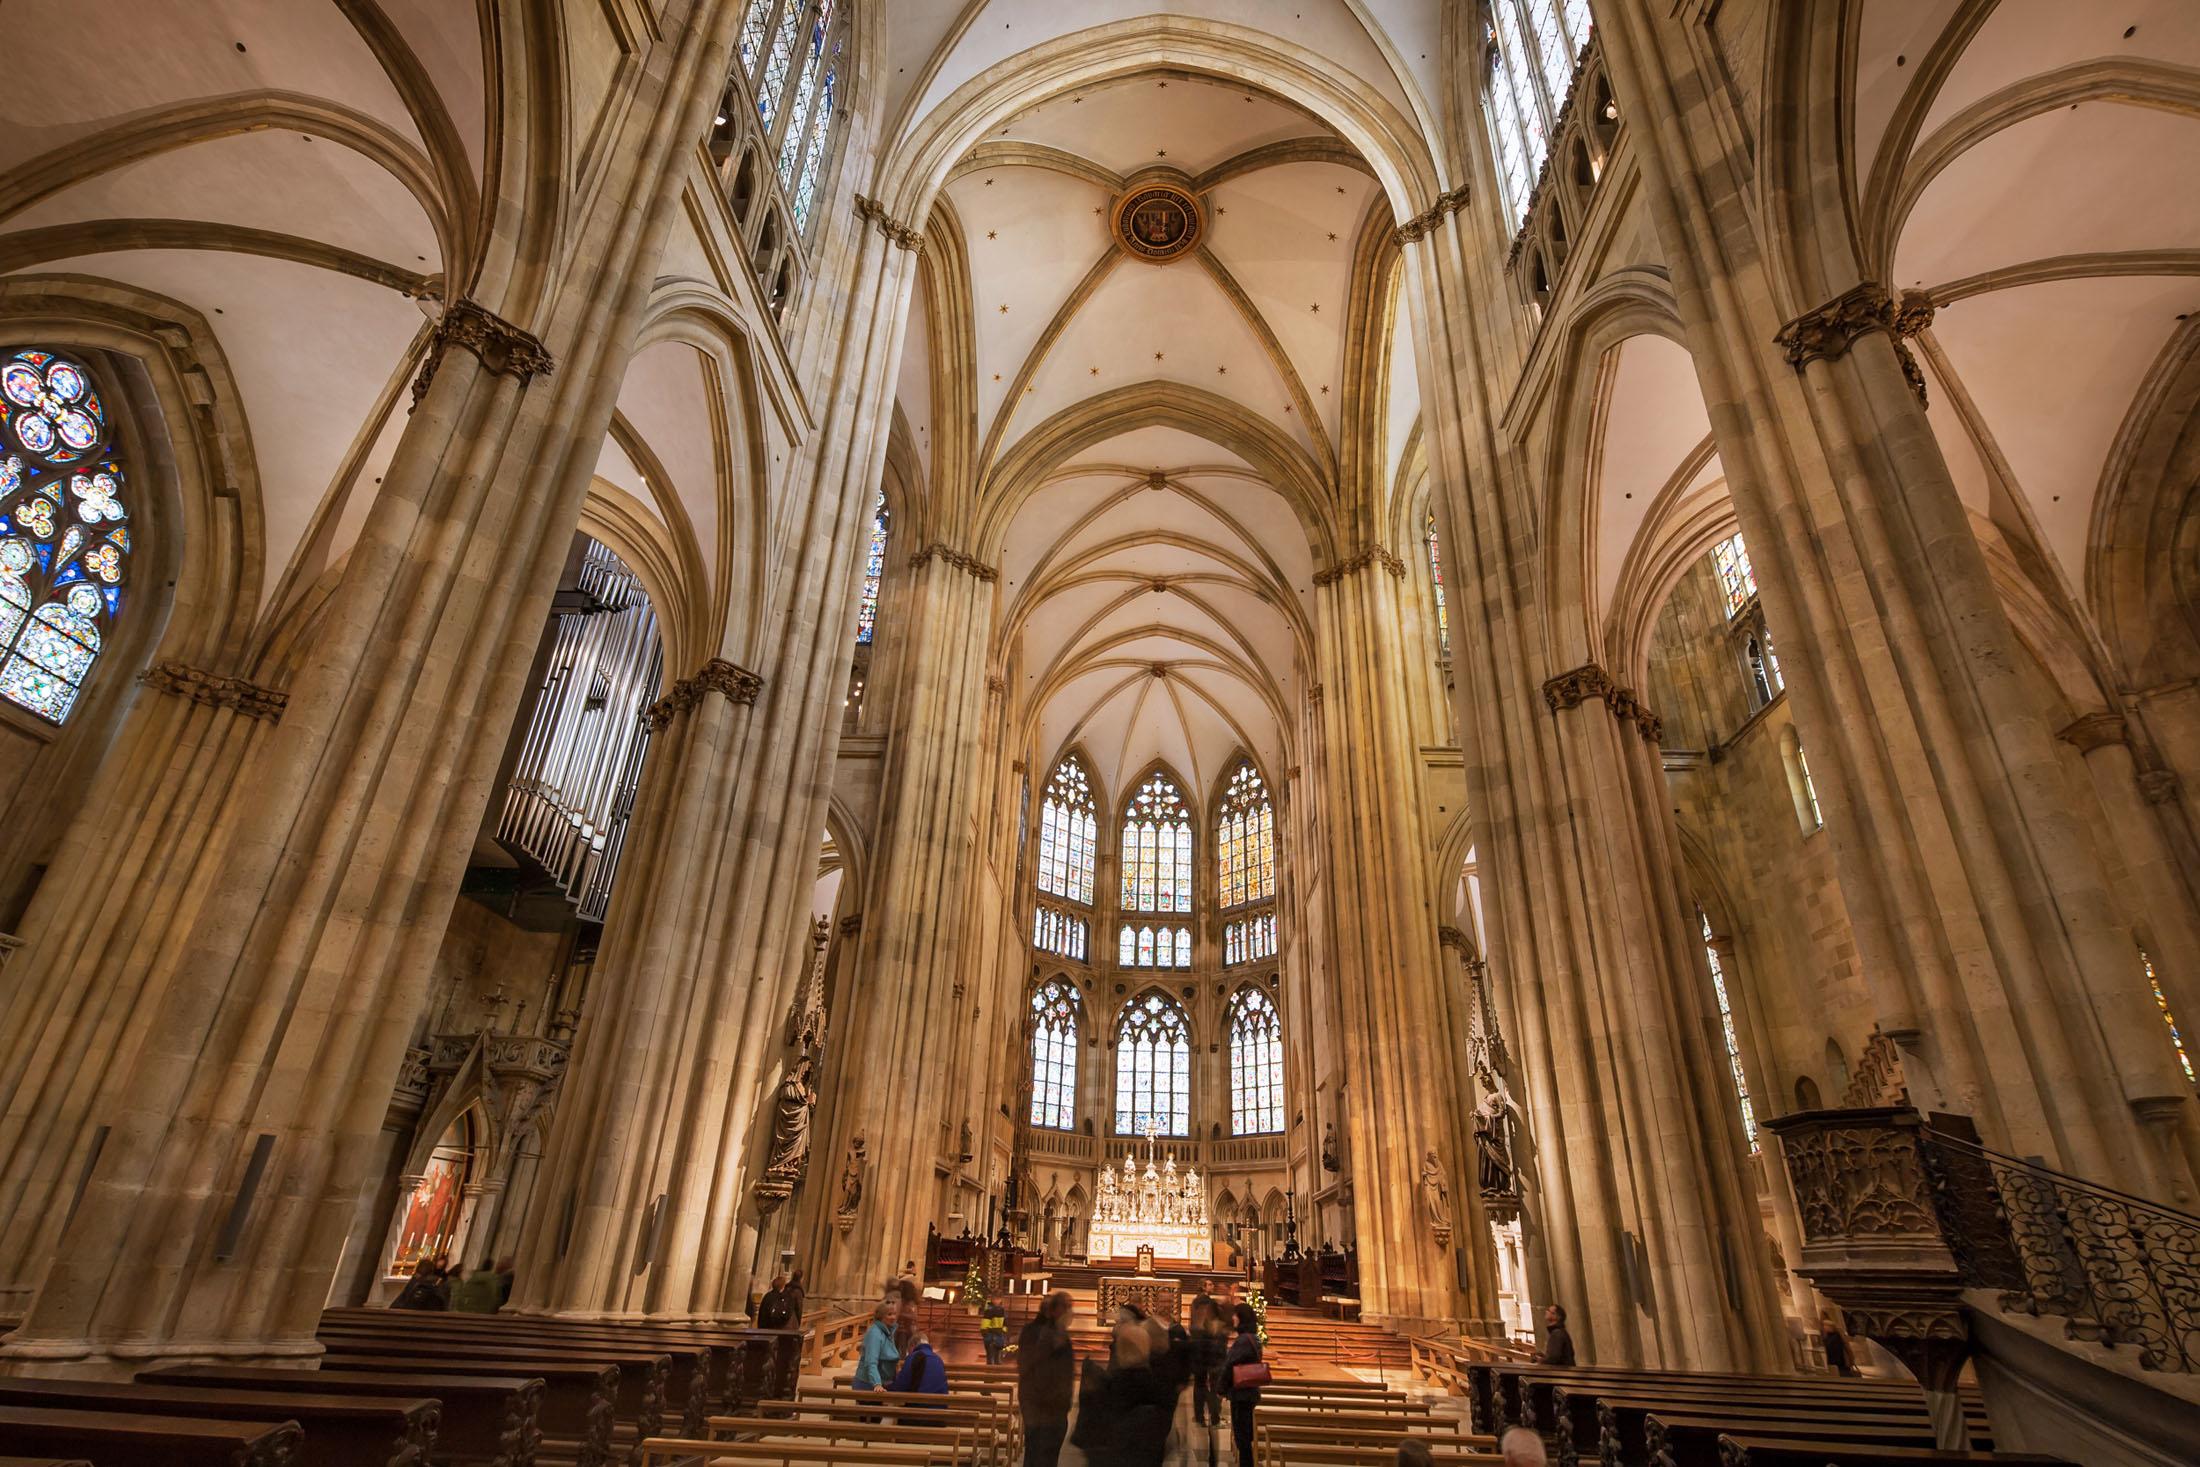 St. Peter's Cathedral is a Gothic Cathedral in Bavaria. - Der Dom St. Peter ist eine bedeutende gotische Kathedrale in Deutschland.